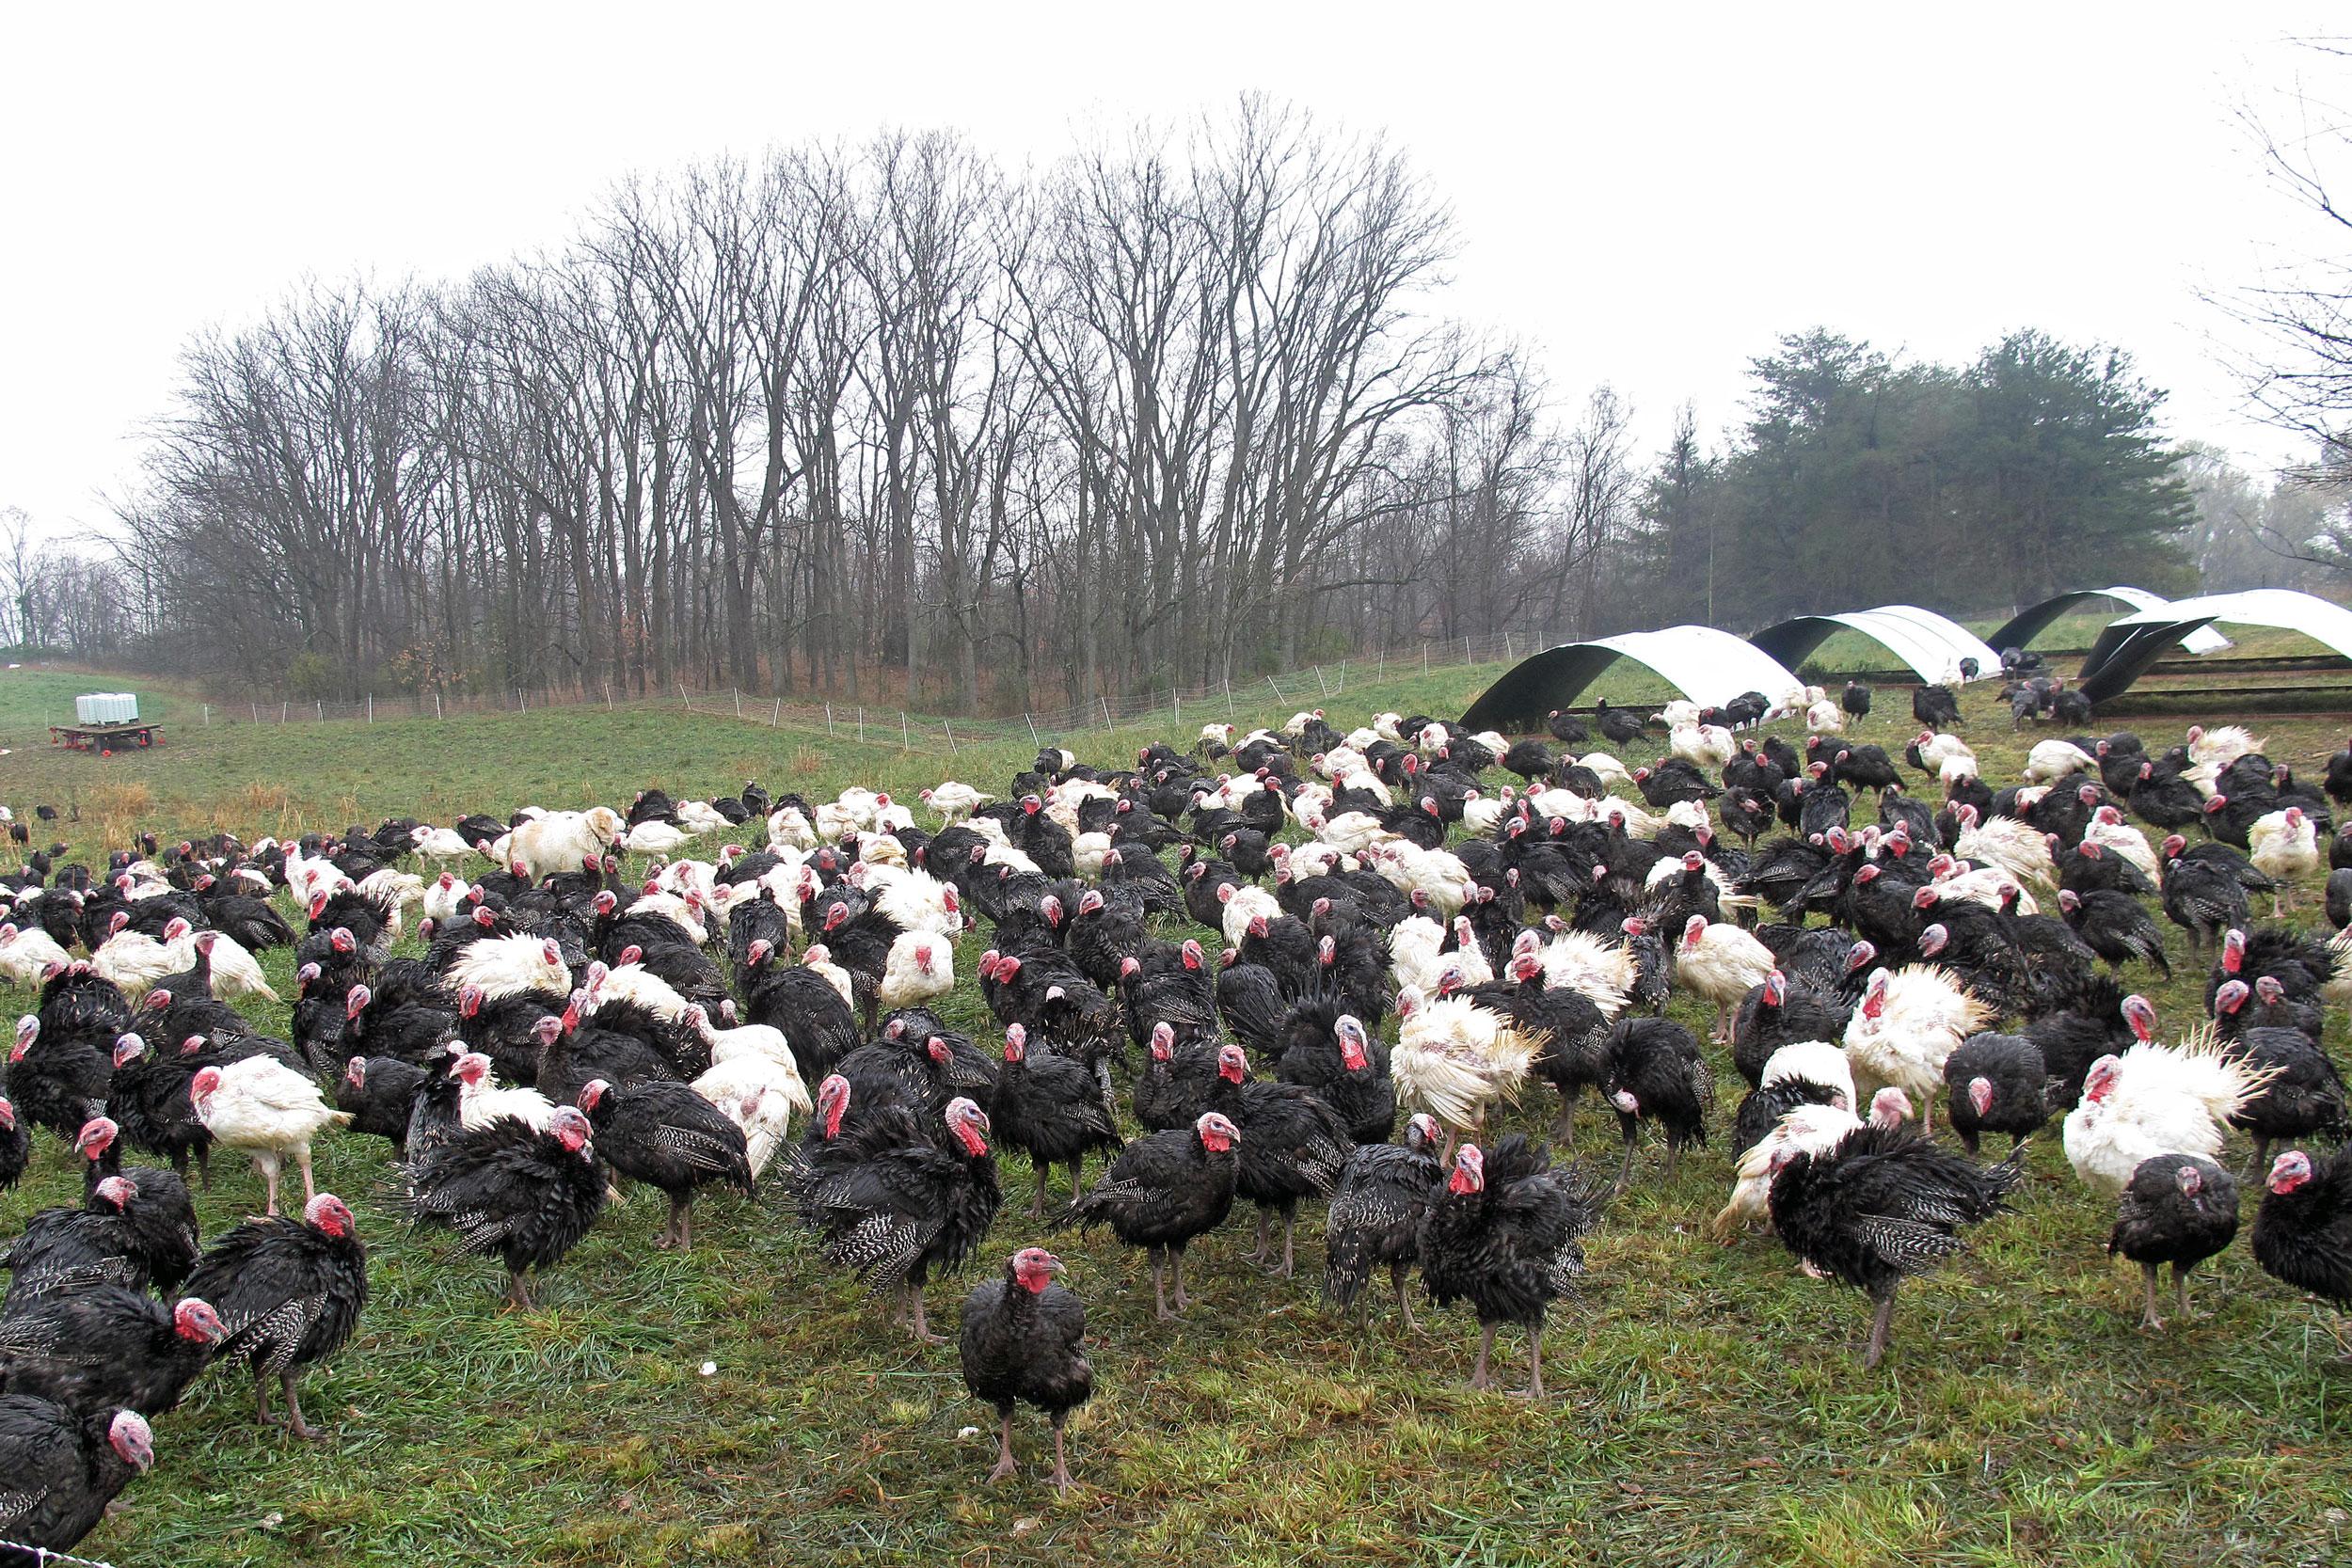 900 turkeys at Schacht Farm